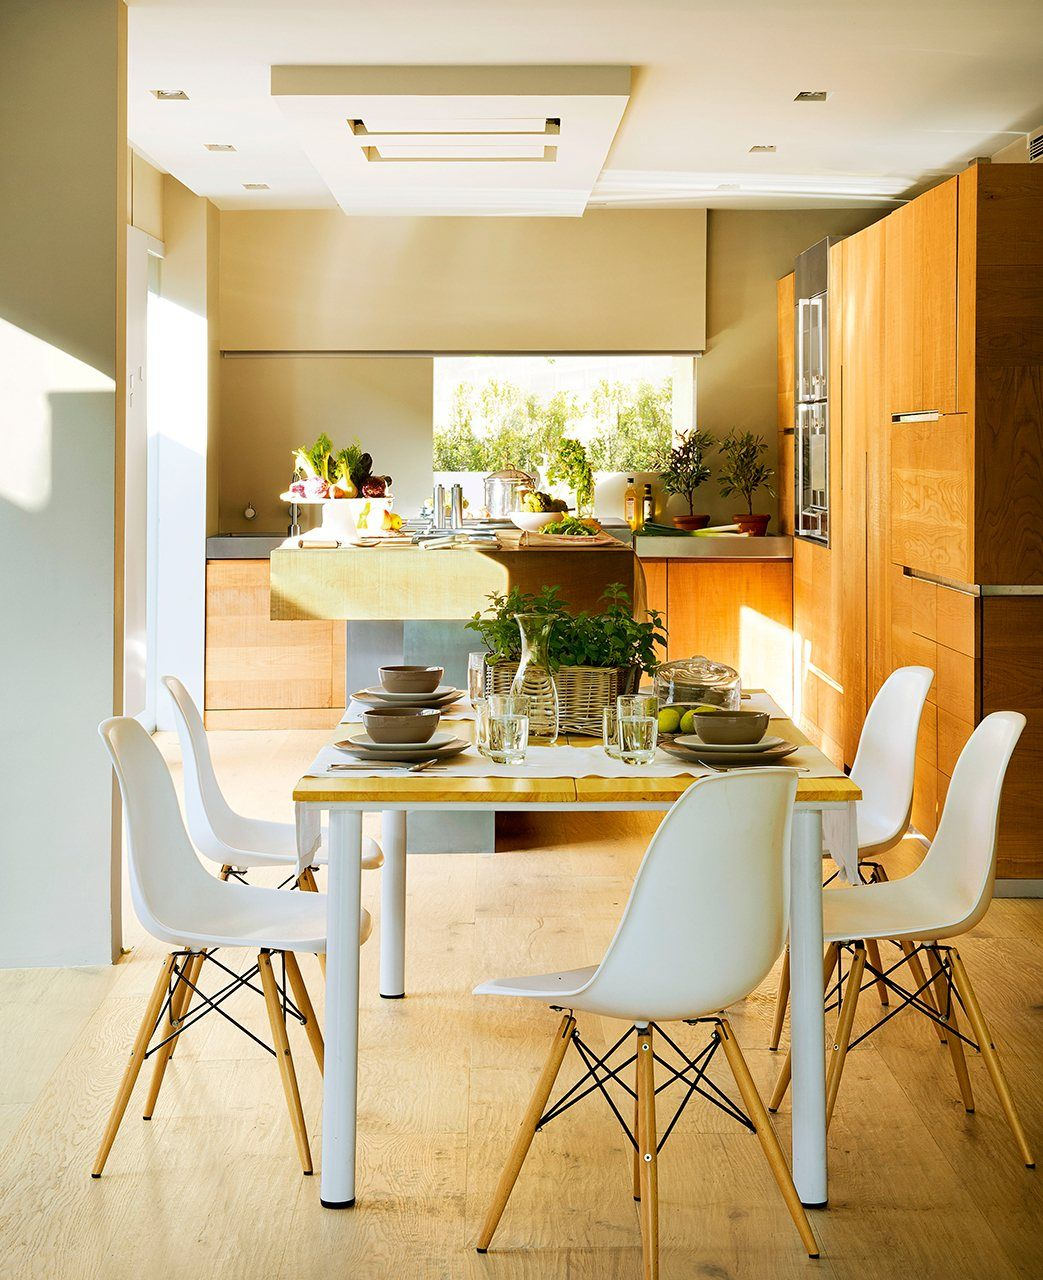 Abierta y c lida una cocina con alma de roble sillas - Cocina con alma ...